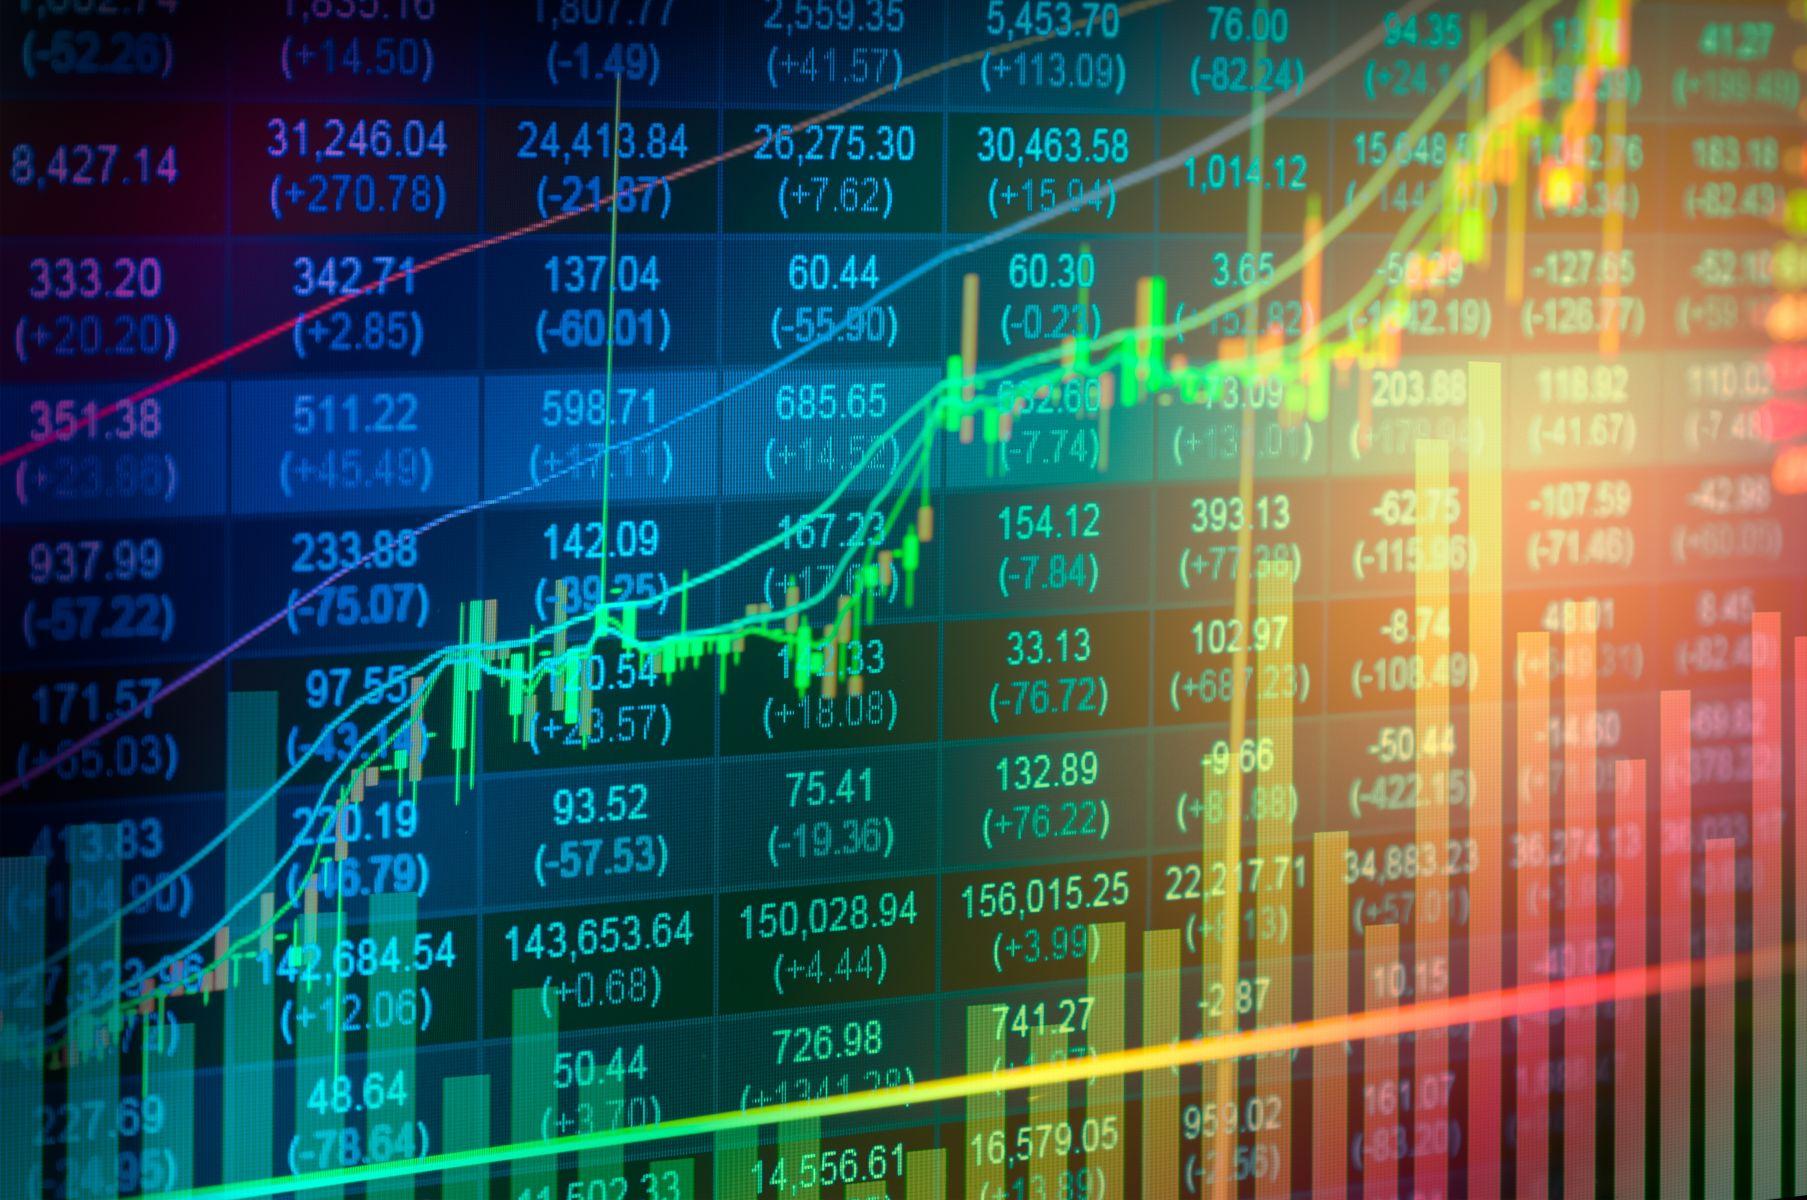 不擔心貿易戰和利率倒掛 只關心這數字 巴菲特:「我今天持有的股票,會和上週一樣」